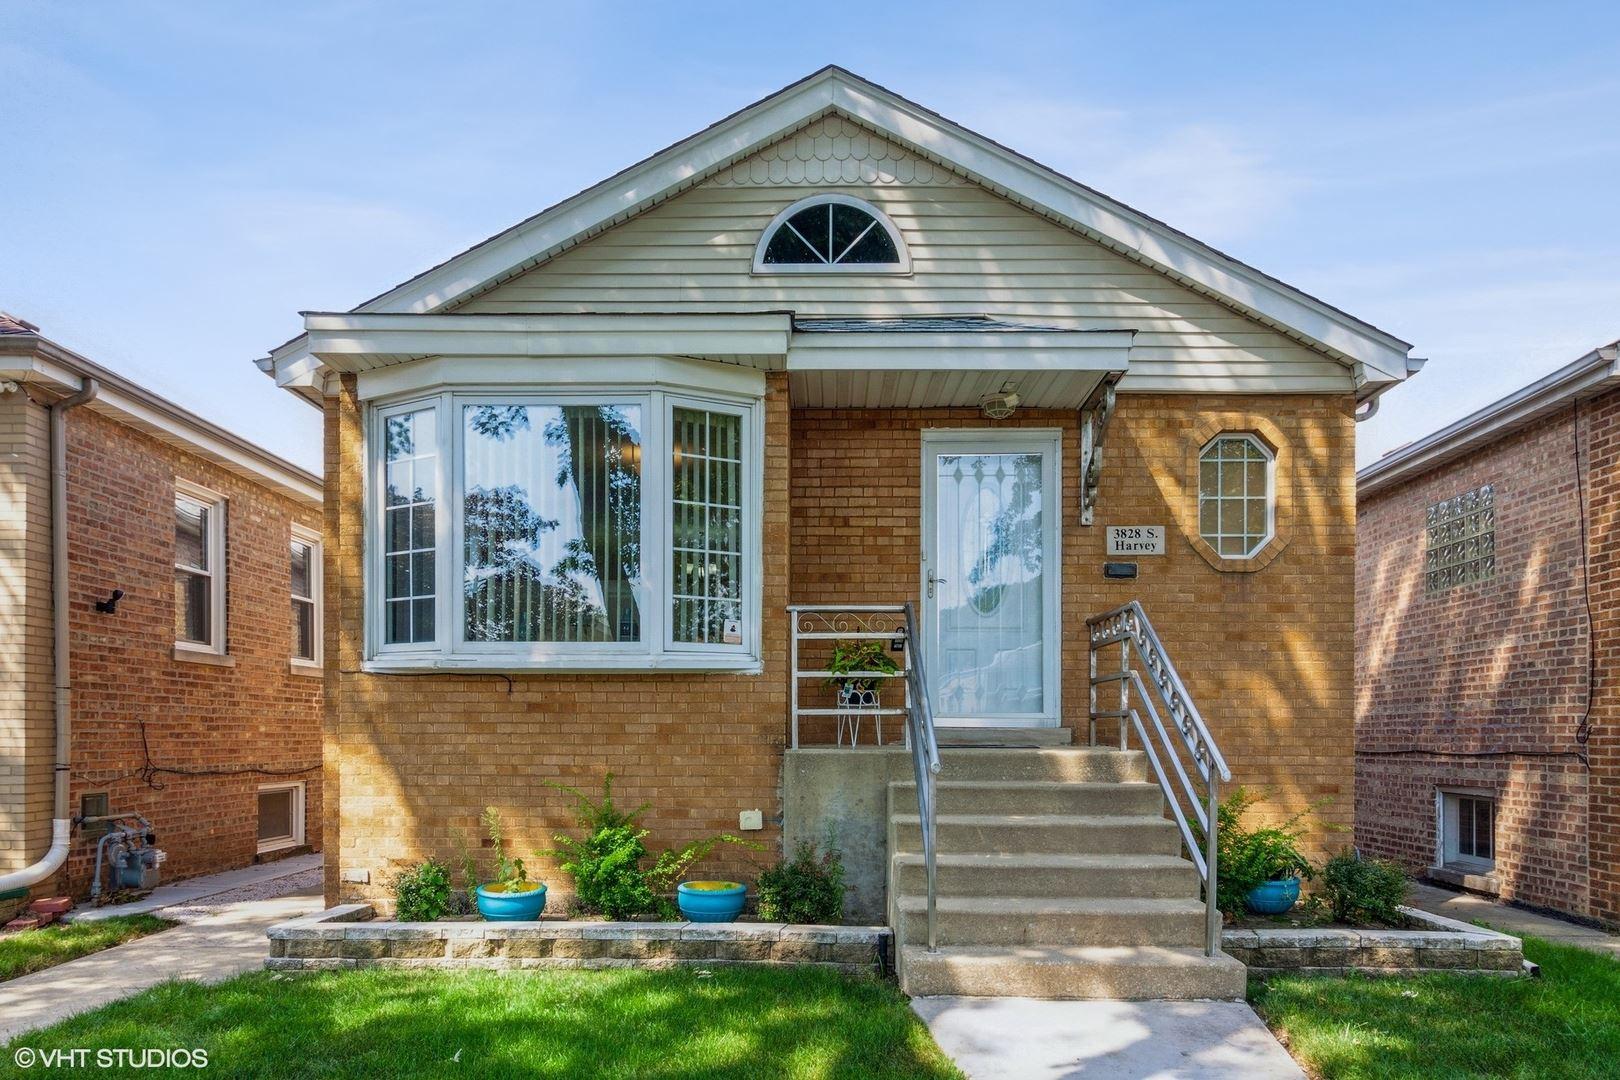 3828 Harvey Avenue, Berwyn, IL 60402 - #: 11193408